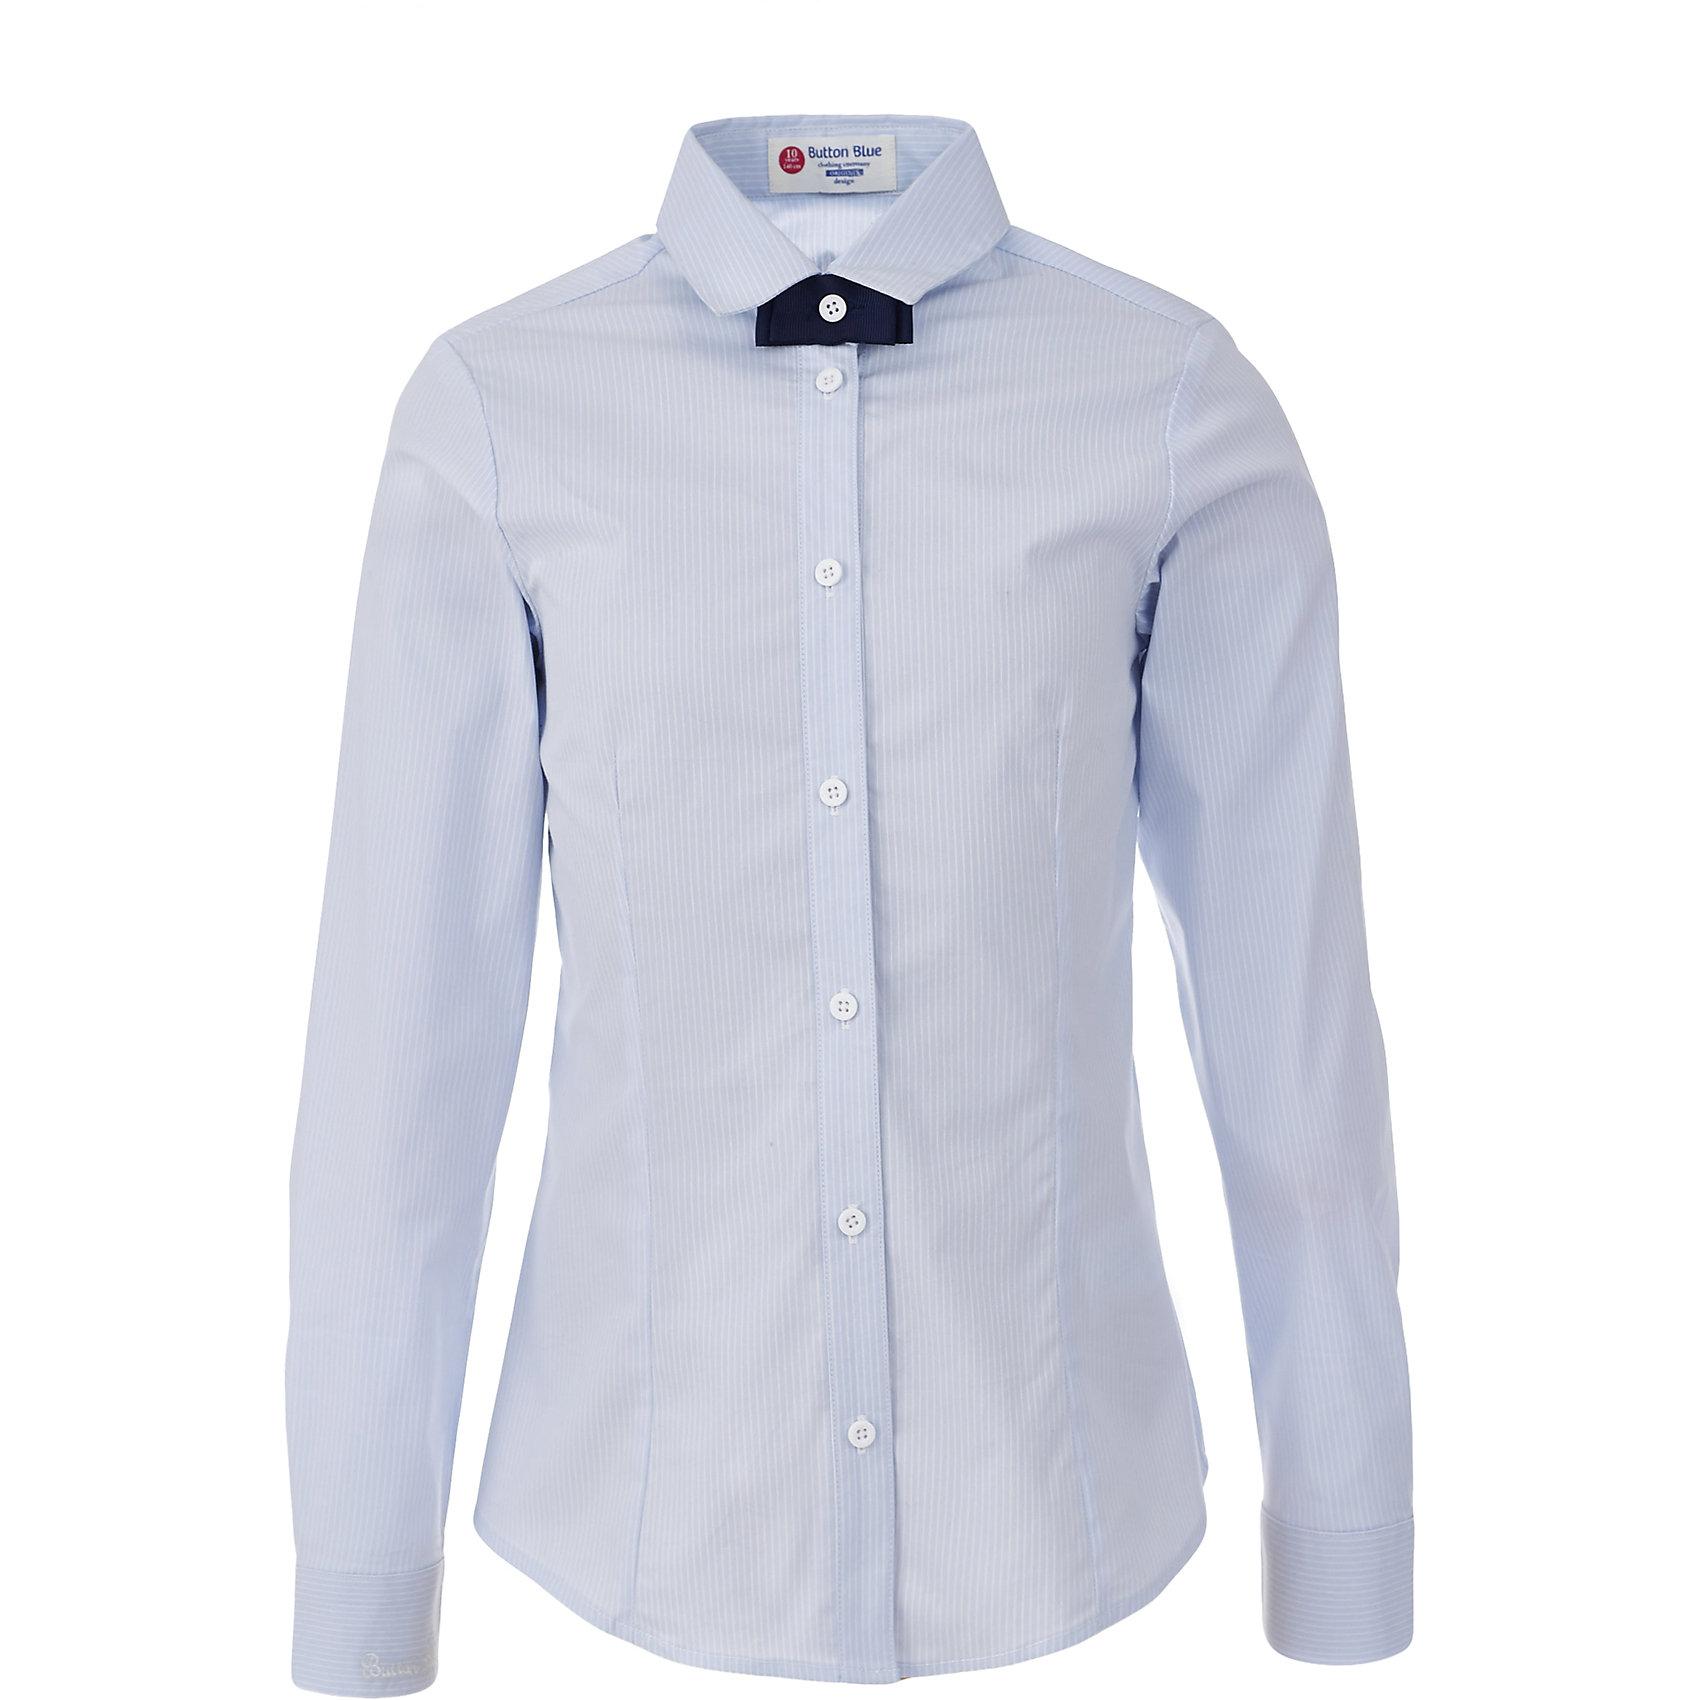 Блузка для девочки BUTTON BLUEБлузки и рубашки<br>Блузка для девочки BUTTON BLUE<br>Блузки для школы купить не сложно, но выбрать модель, сочетающую прекрасный состав, элегантный дизайн, привлекательную цену, не так уж и легко. Купить красивую школьную блузку для девочки недорого возможно, если это блузка от Button Blue! Голубая школьная блузка с бантиком сделает каждый день ребенка комфортным!<br>Состав:<br>61% хлопок,  36%нейлон,                3% эластан<br><br>Ширина мм: 186<br>Глубина мм: 87<br>Высота мм: 198<br>Вес г: 197<br>Цвет: голубой<br>Возраст от месяцев: 144<br>Возраст до месяцев: 156<br>Пол: Женский<br>Возраст: Детский<br>Размер: 158,122,164,128,134,140,146,152<br>SKU: 6739366